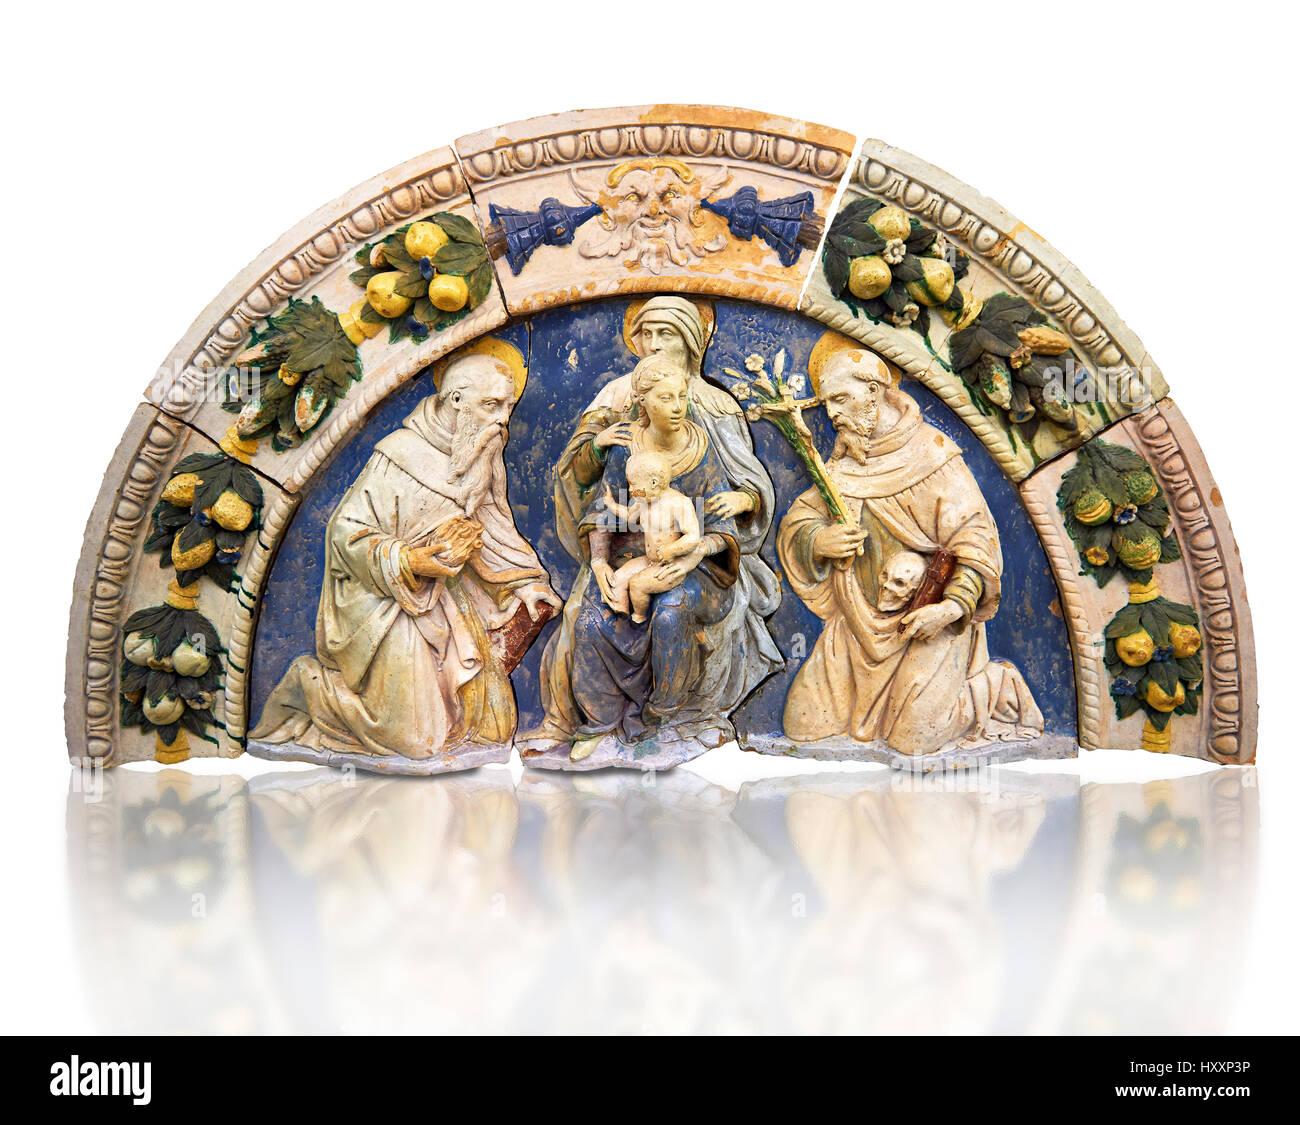 Panneau en terre cuite émaillée de sainte Anne, la Vierge Marie et l'enfant, 16e siècle par Santi Photo Stock